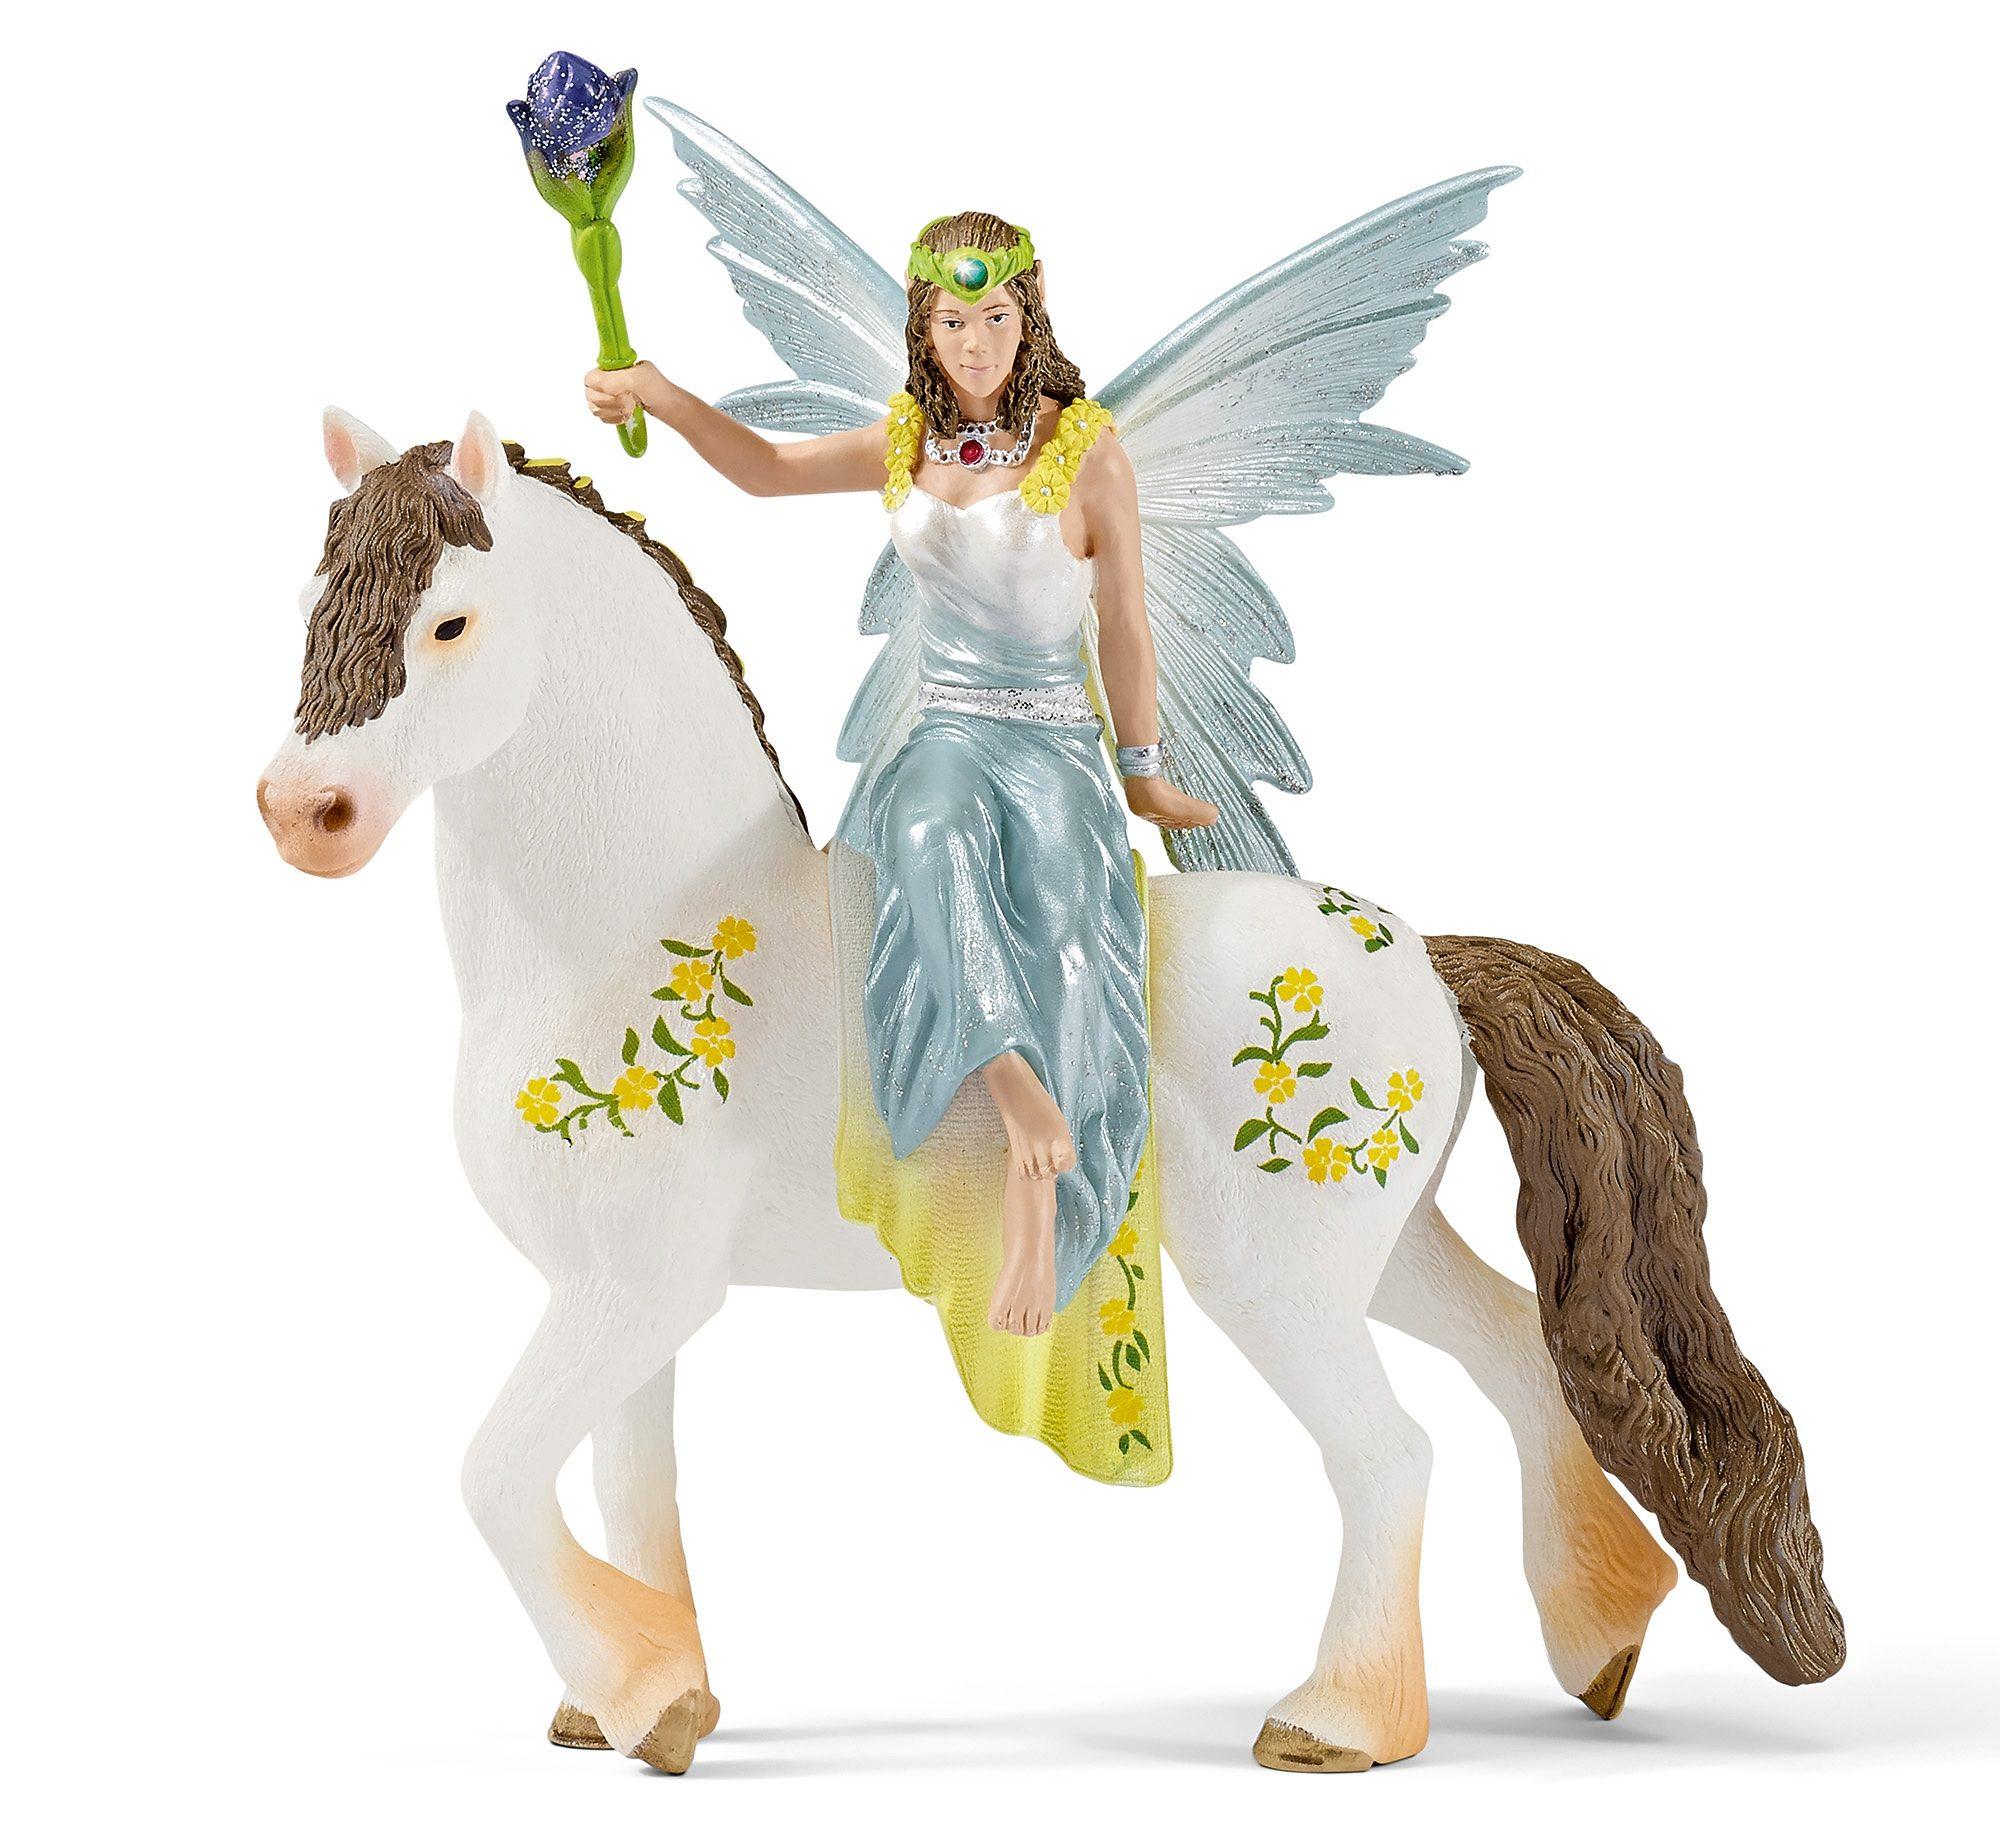 Schleich® Spielfigur (70516), »World of Fantasy bayala - Eyela in festlicher Kleidung, reitend«